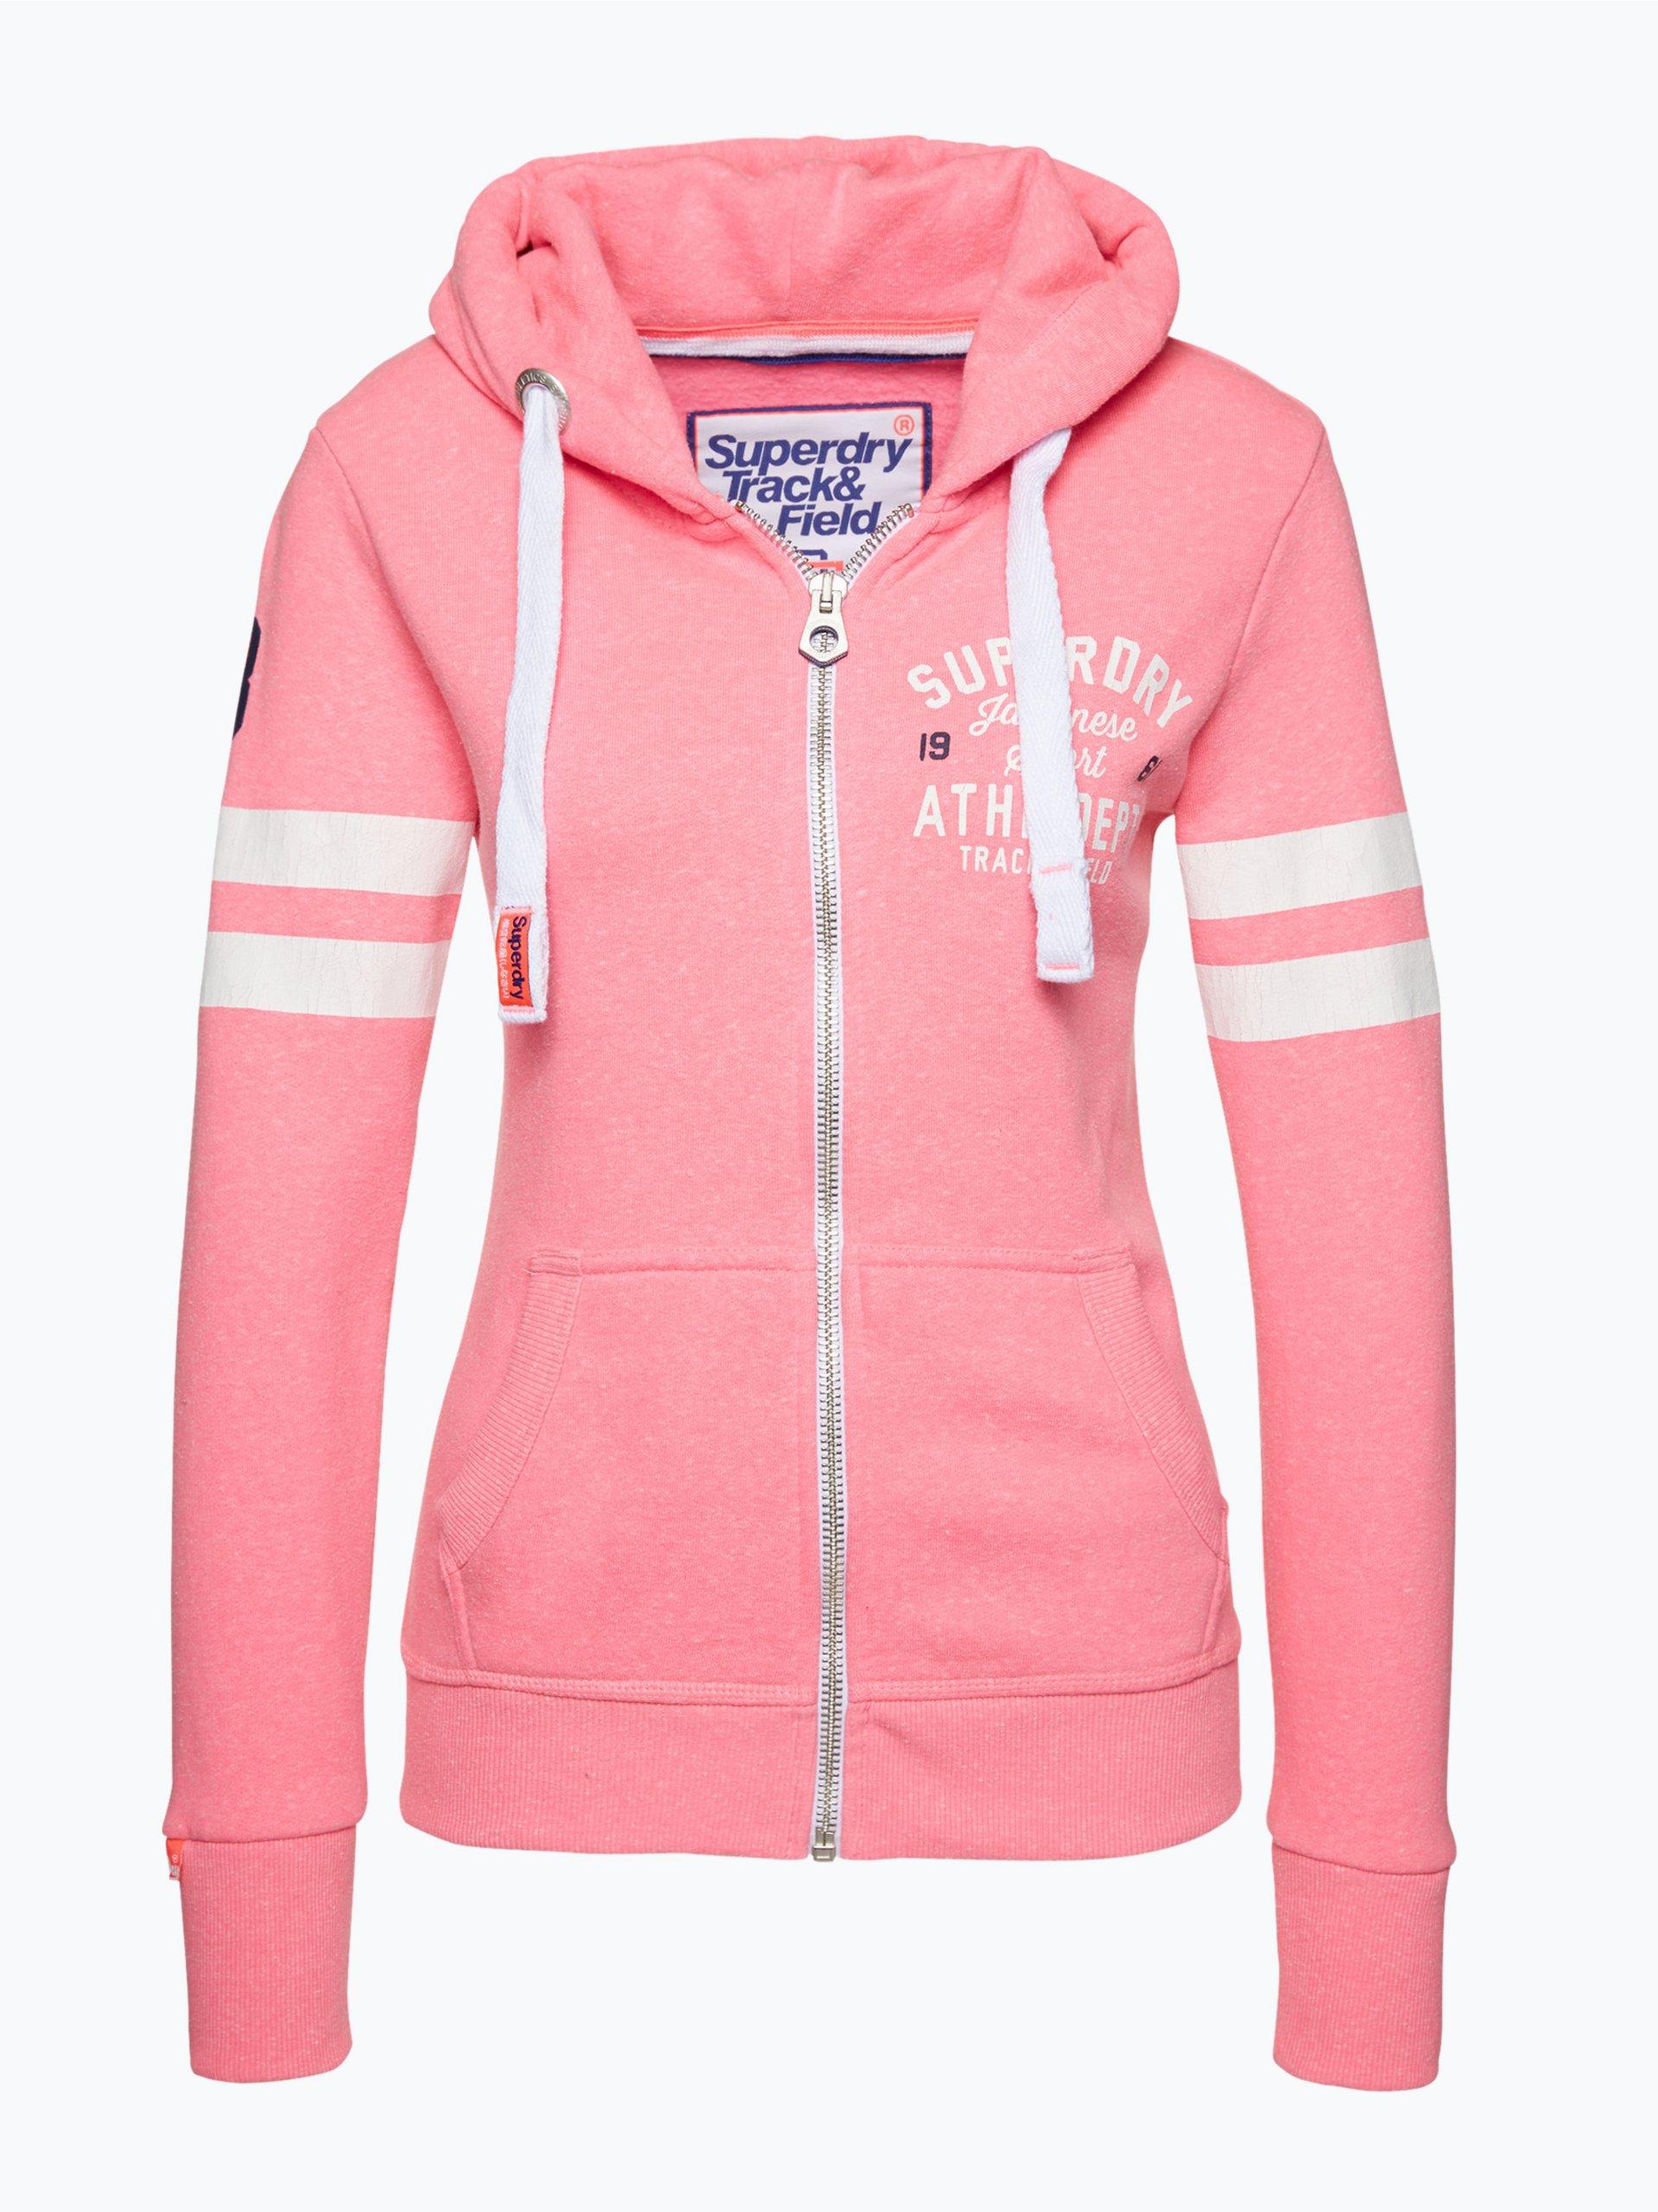 superdry damen sweatjacke pink uni online kaufen peek und cloppenburg de. Black Bedroom Furniture Sets. Home Design Ideas